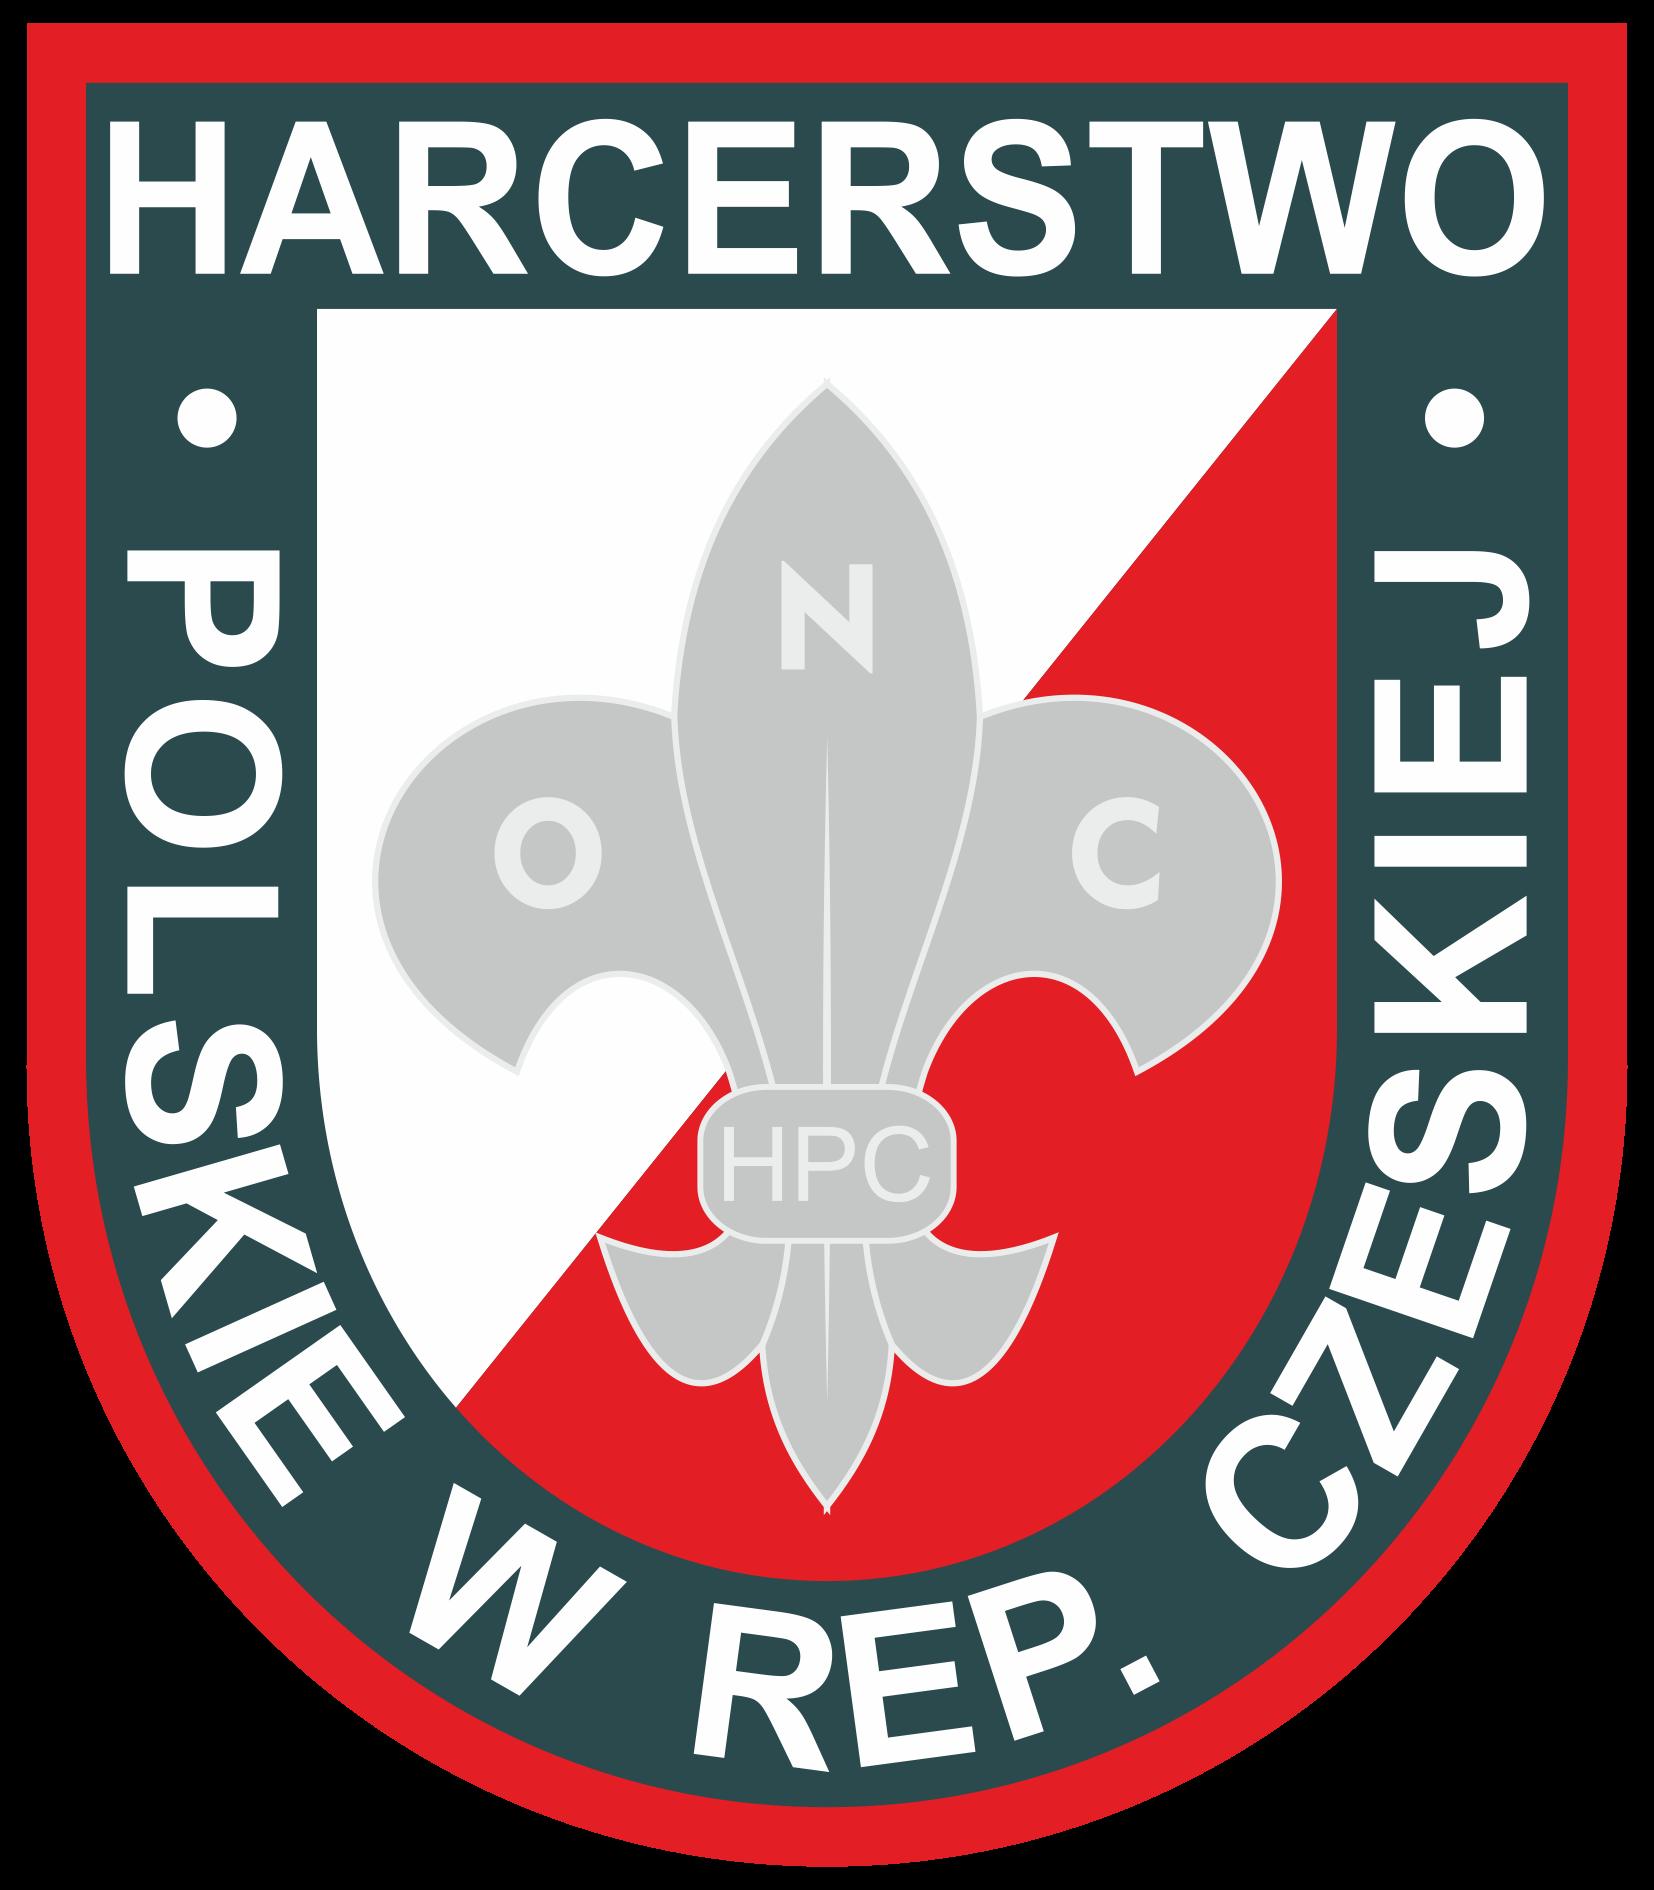 Harcerstwo.cz